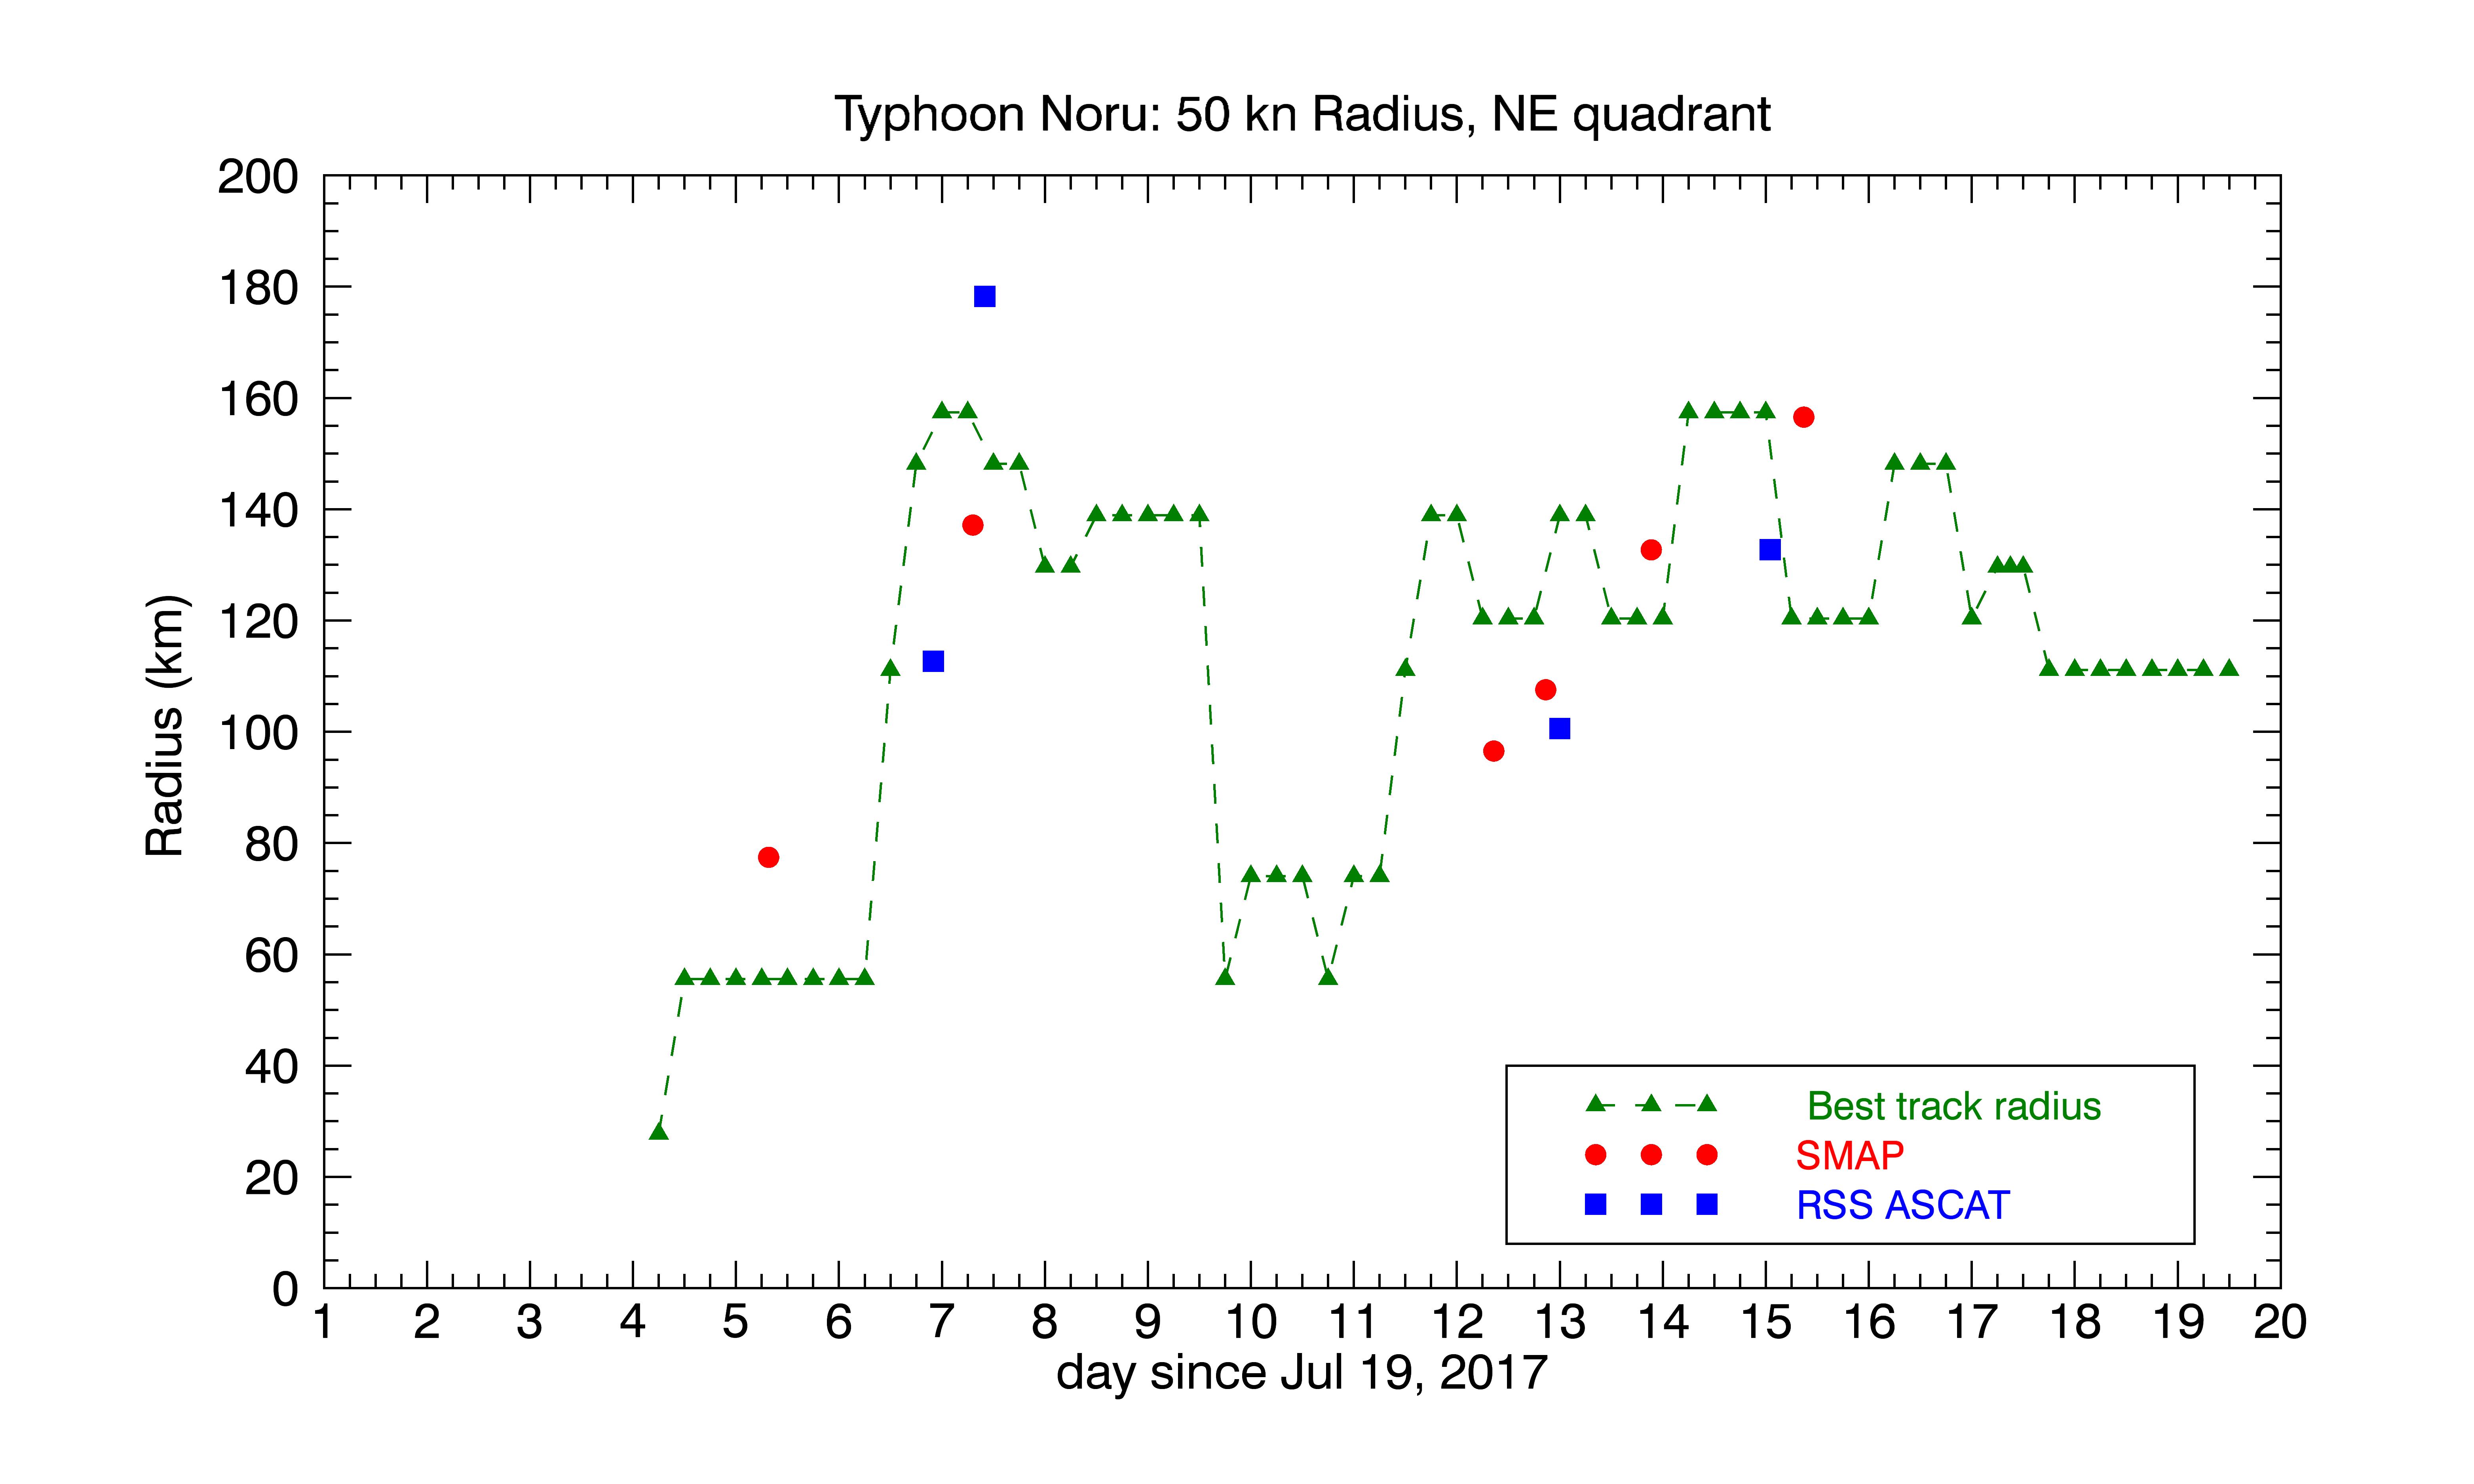 Noru radii of 50 kn winds